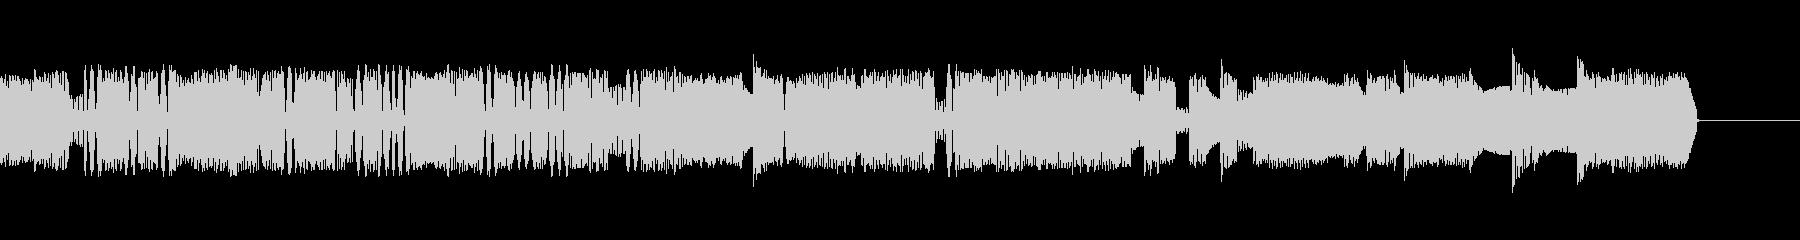 無線での電子音やモデムのようなピコピコ音の未再生の波形